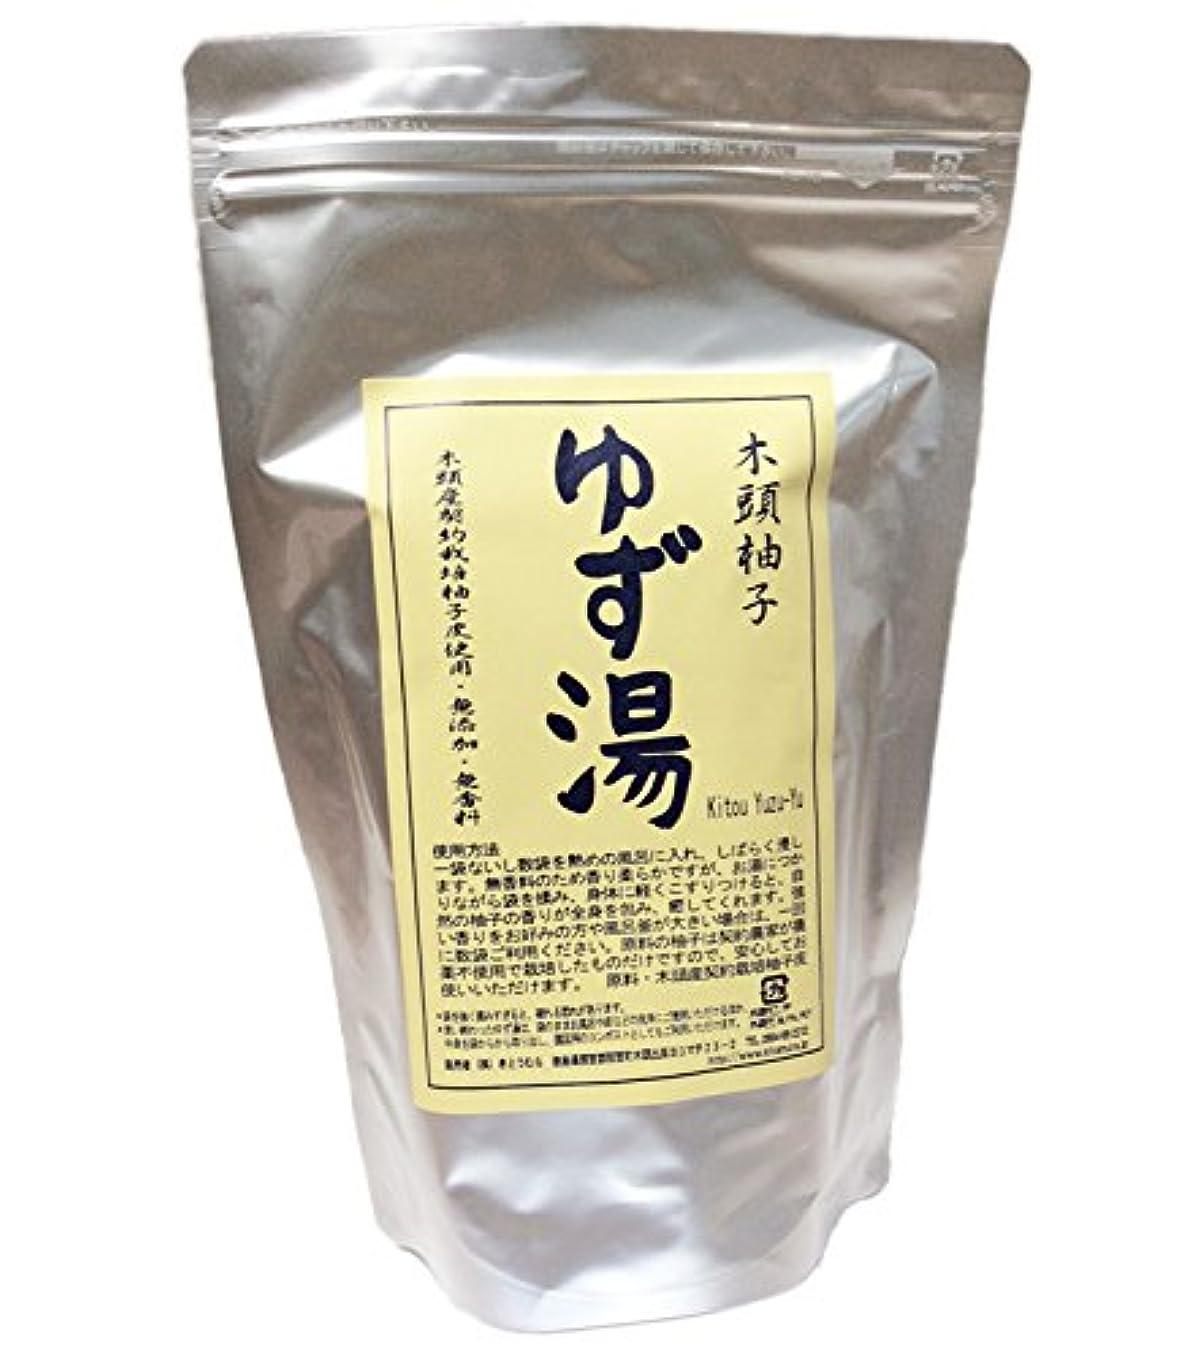 後継しおれた鋼きとうむら オーガニック 木頭柚子ゆず湯 (徳用) 30g×15パック入